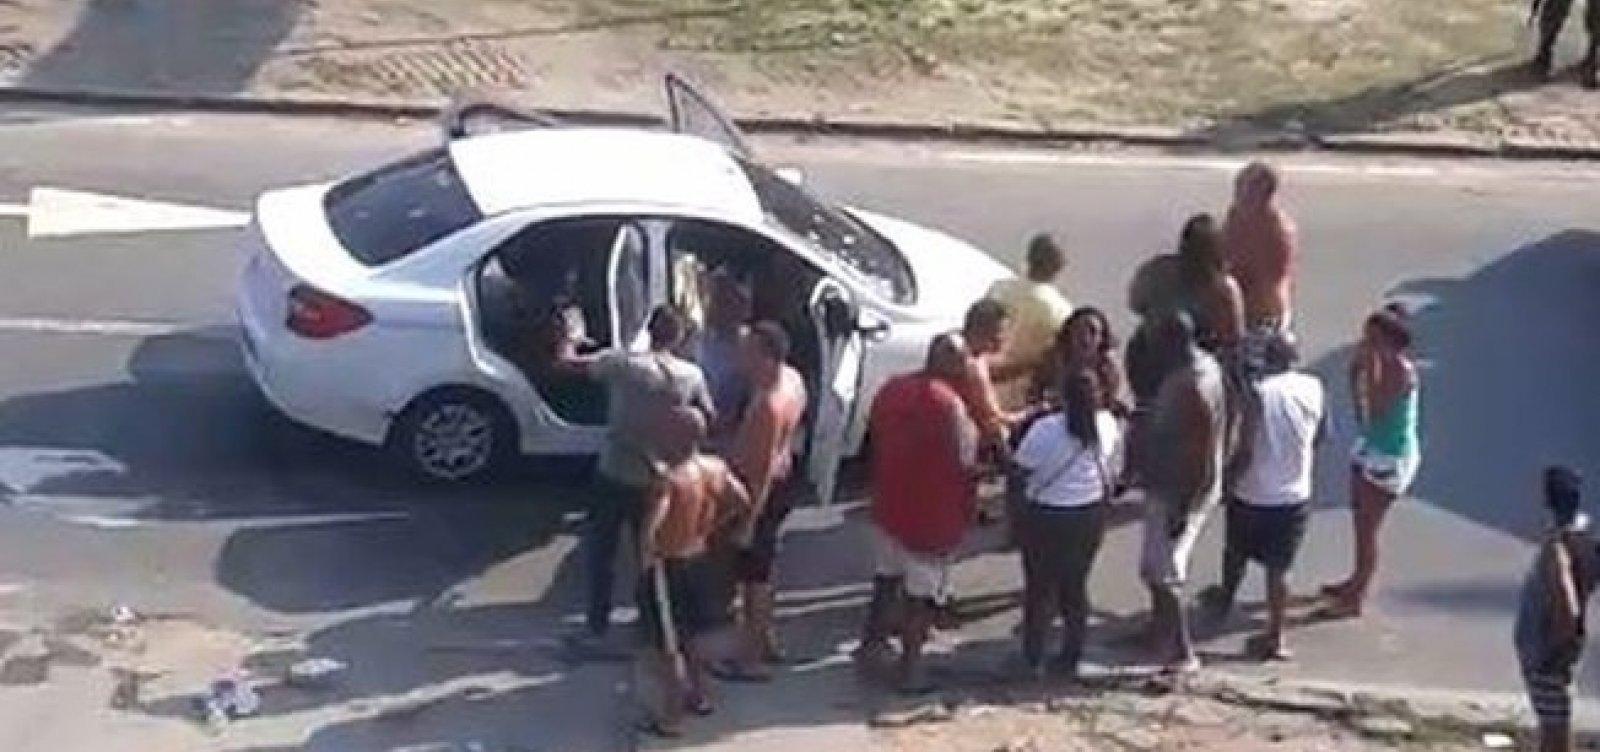 Juíza mantém prisão de 9 dos 10 militares que fuzilaram carro com 80 tiros